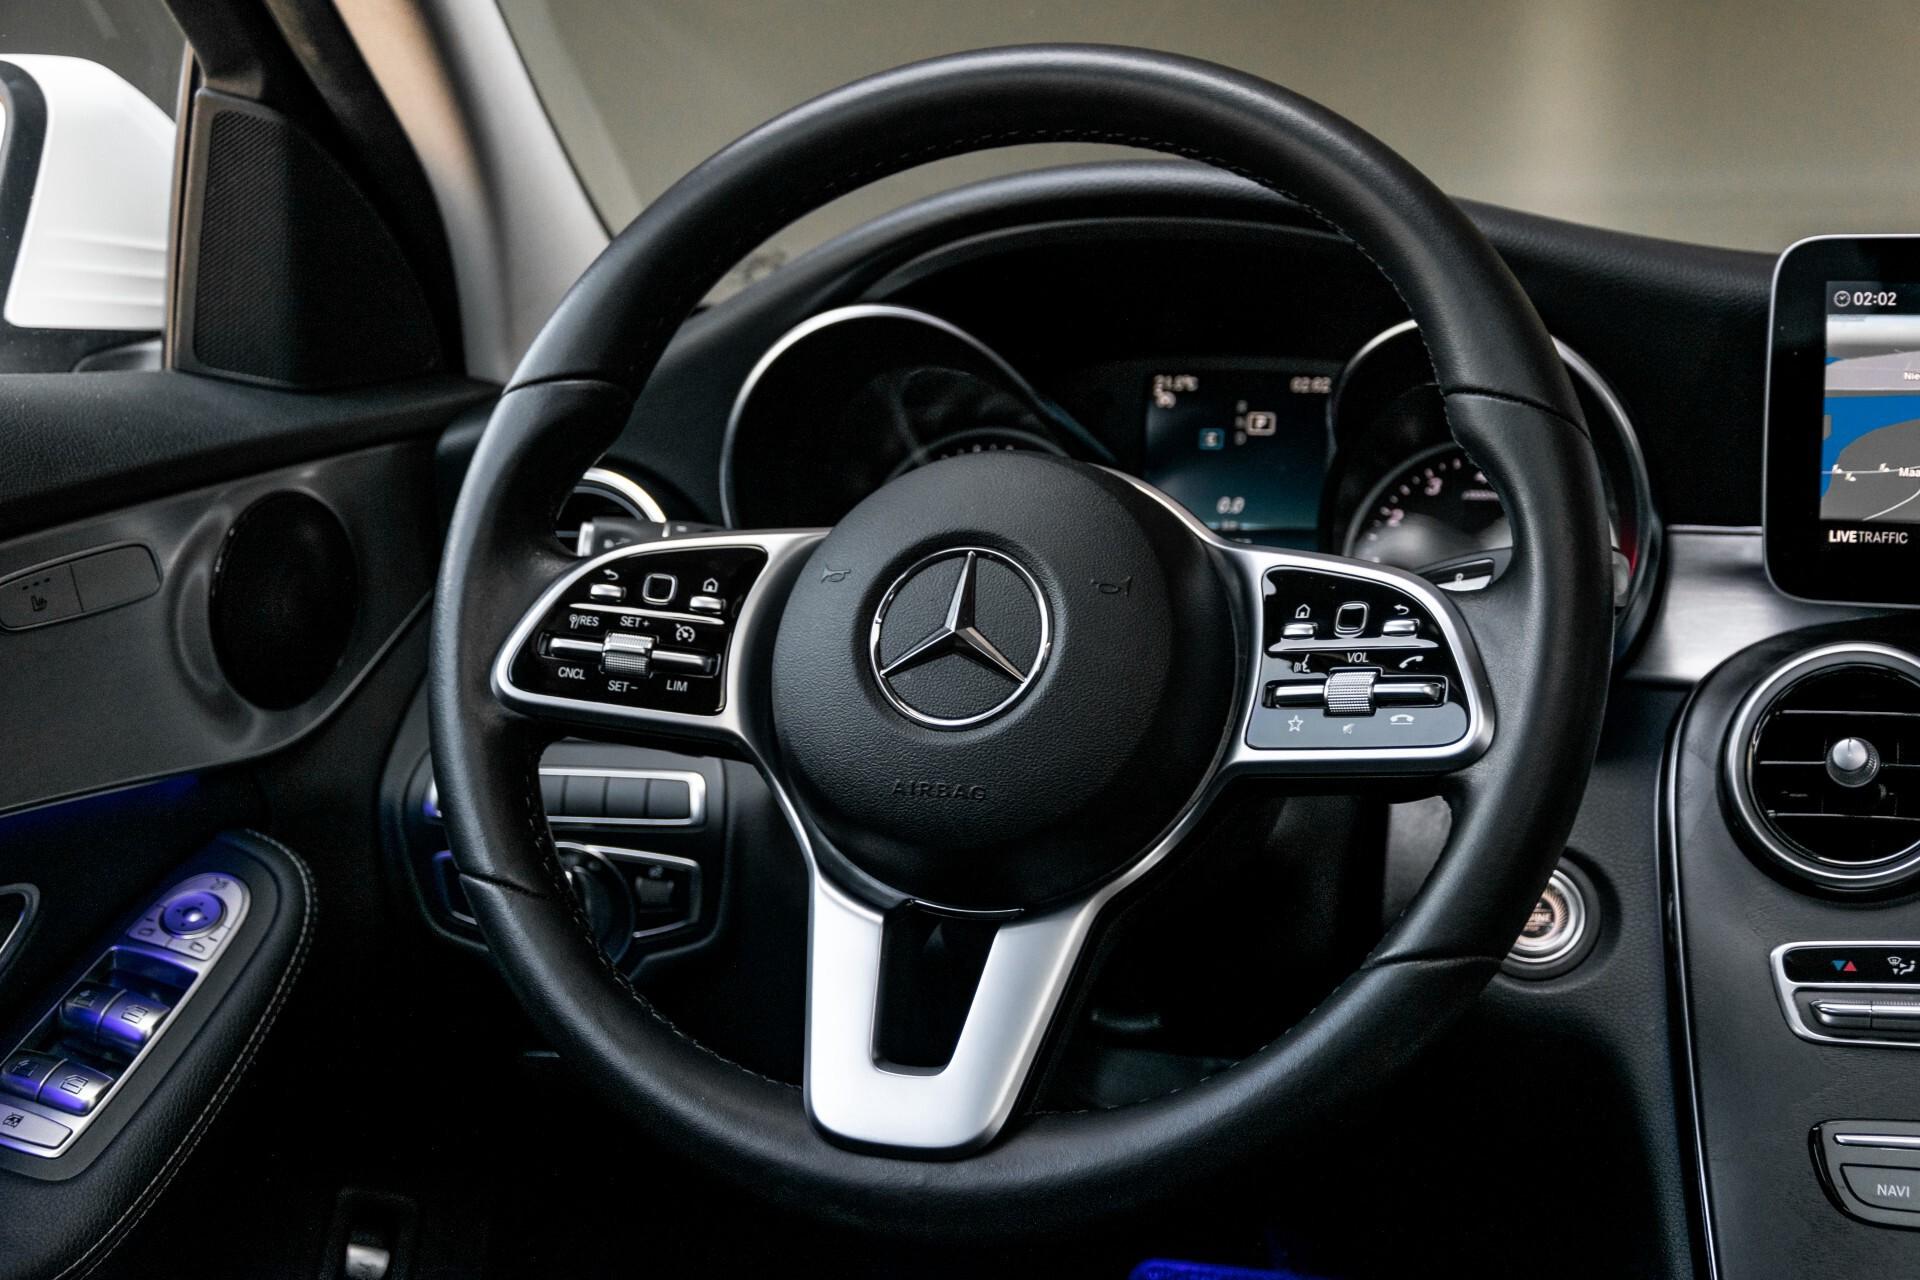 Mercedes-Benz C-Klasse 180 Avantgarde Advanced/Schuifdak/Groot Navi Aut9 Foto 8